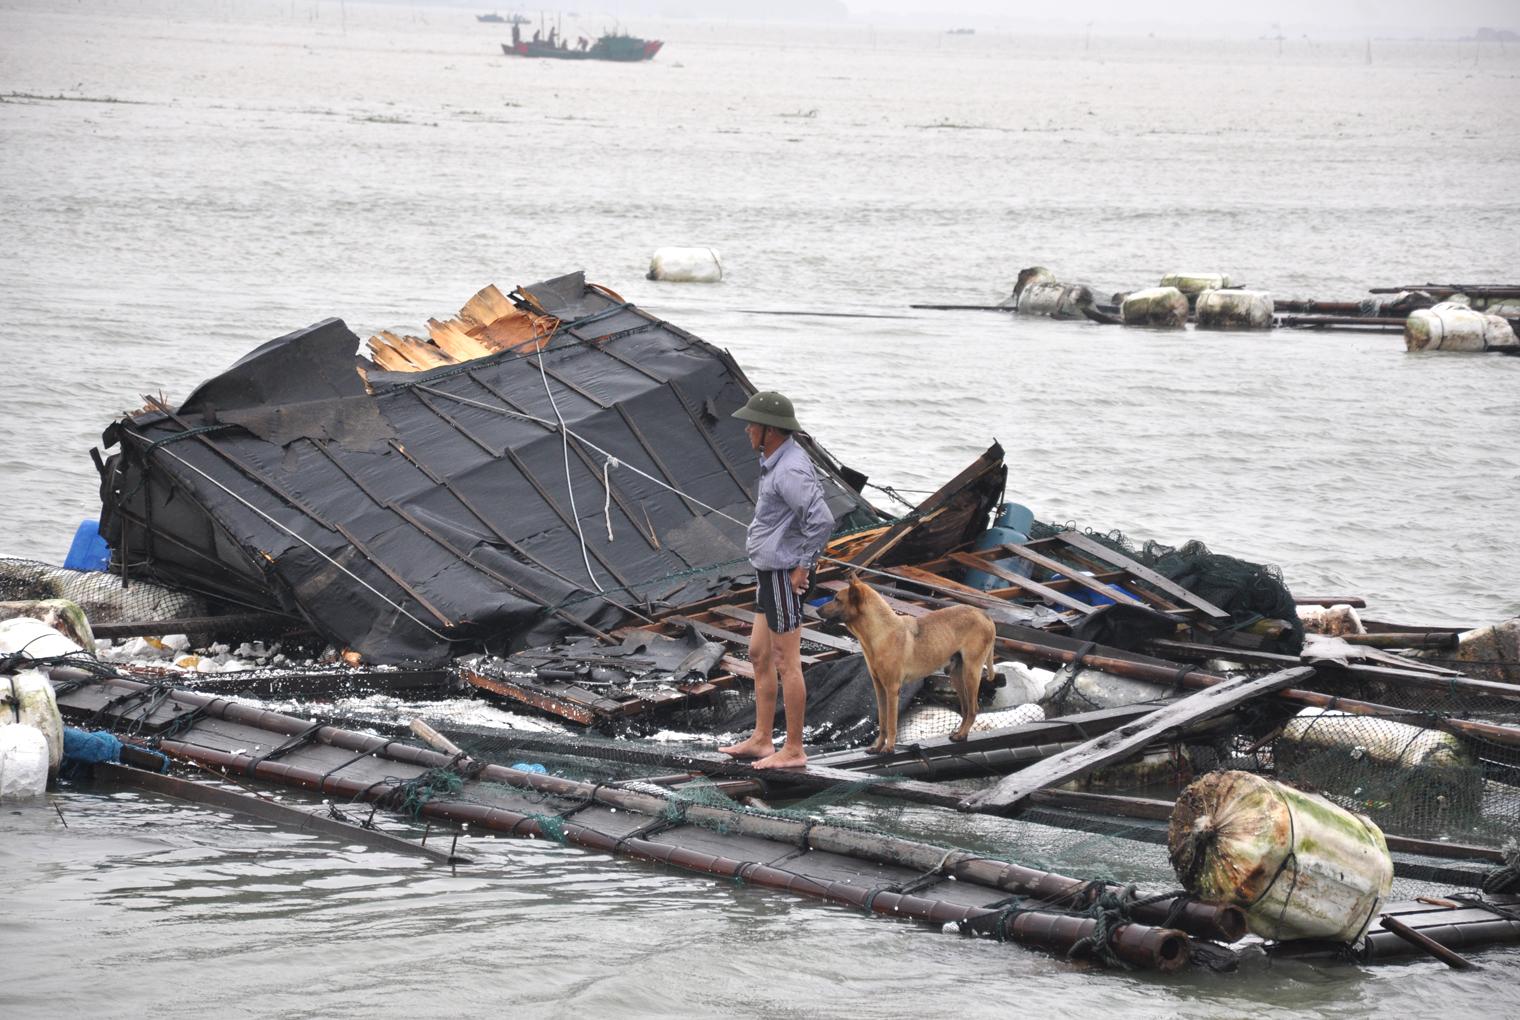 汫纸洲镇后田洋稟_汫洲渔民心情沉重的看着受损的渔排.